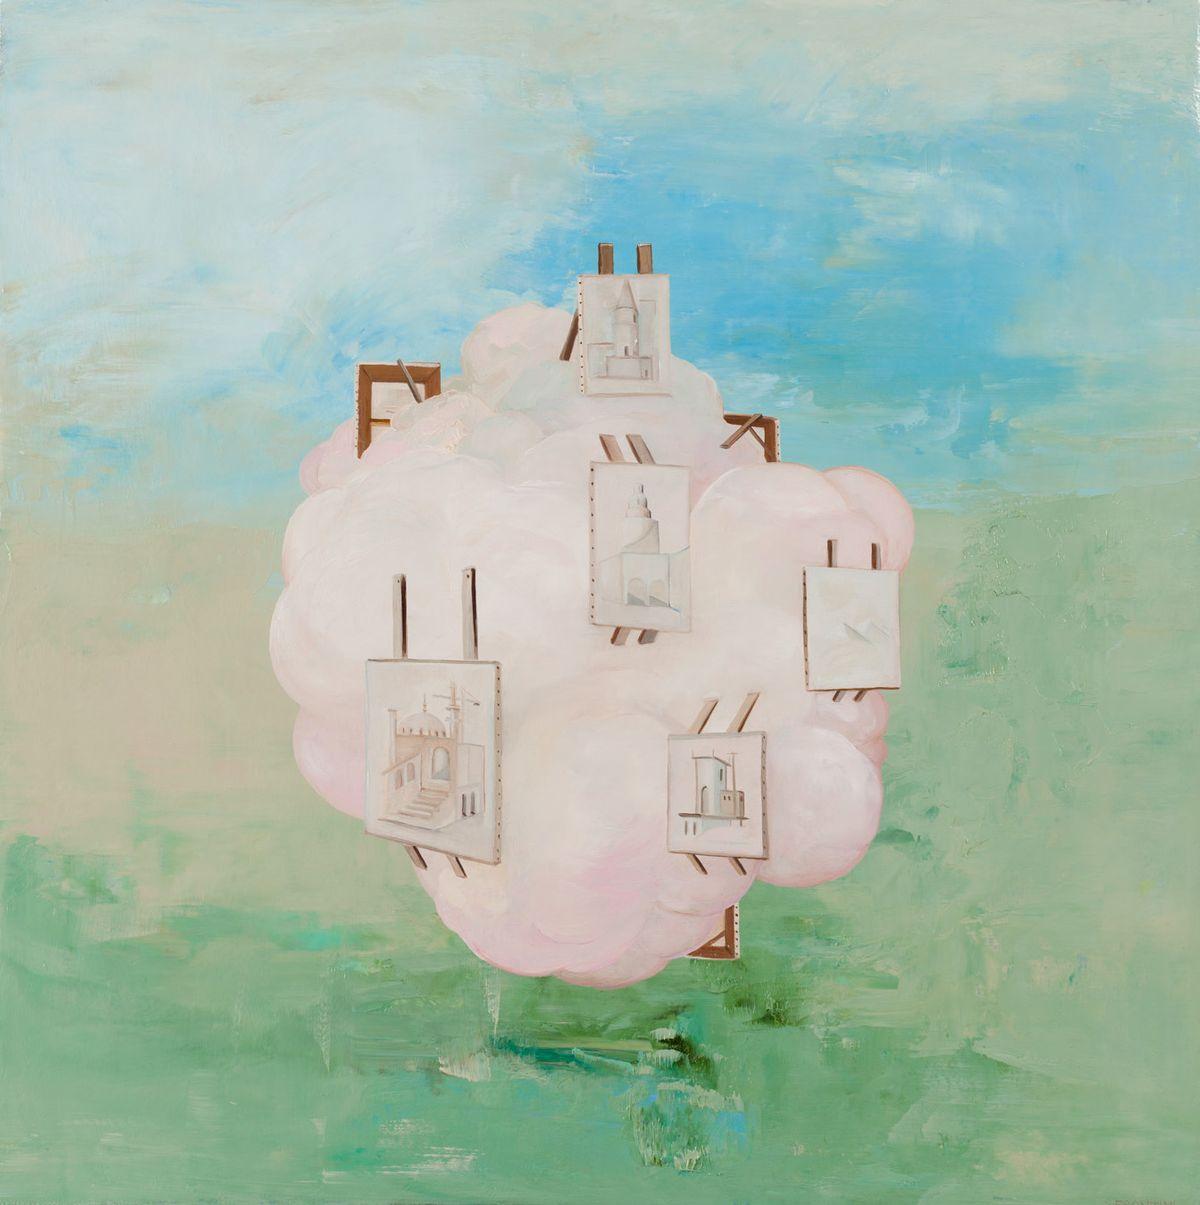 Proposal for Dream Cloud Retrospective (Canadian Pavilion Airspace, Venice Biennale 2021)